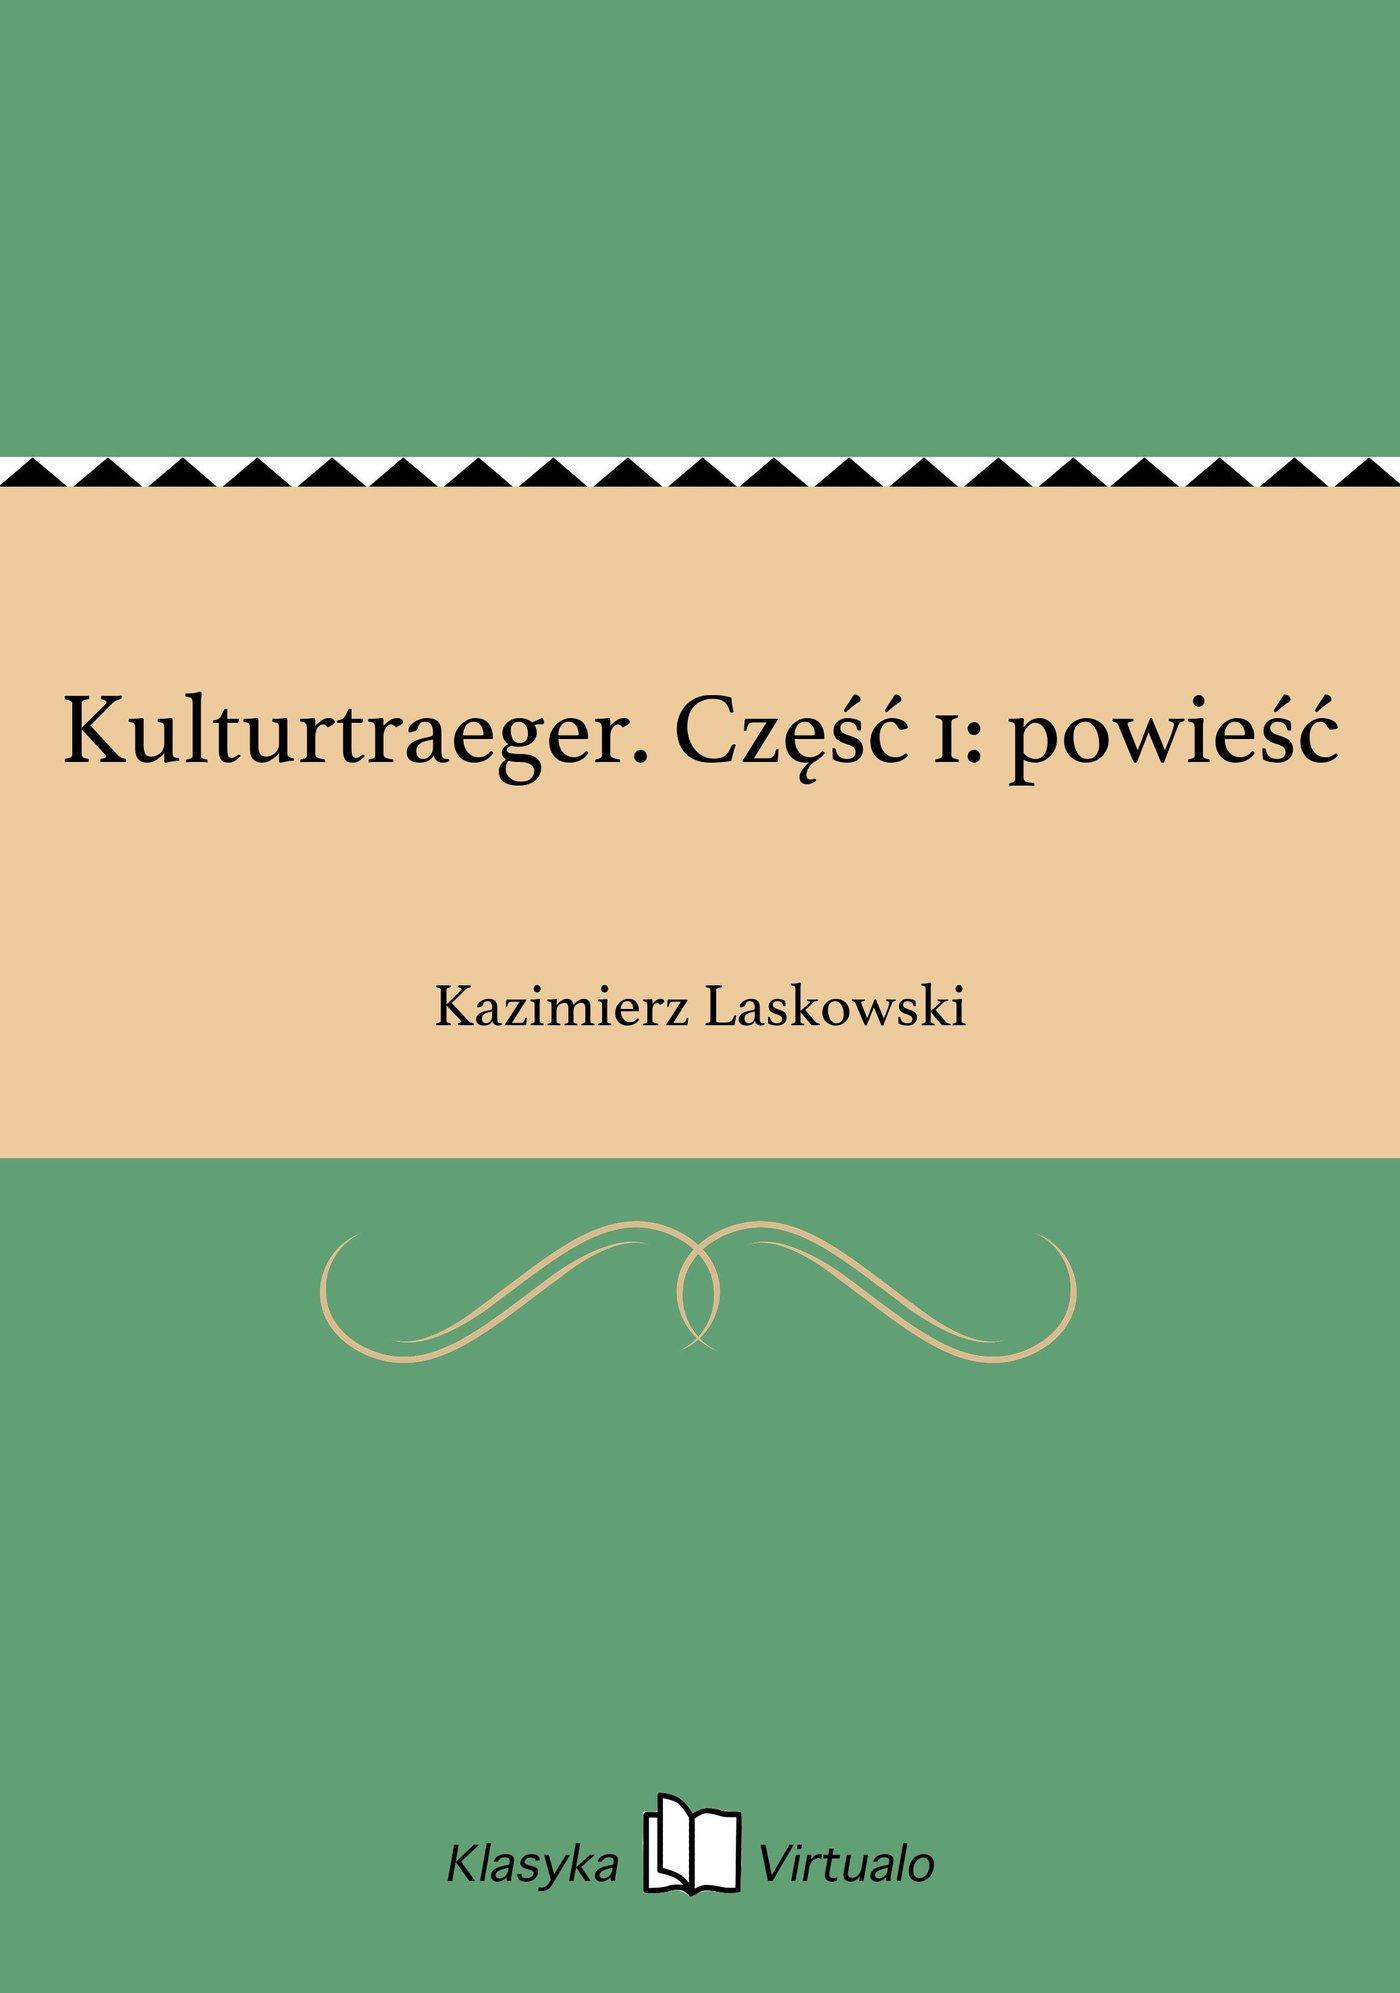 Kulturtraeger. Część 1: powieść - Ebook (Książka EPUB) do pobrania w formacie EPUB